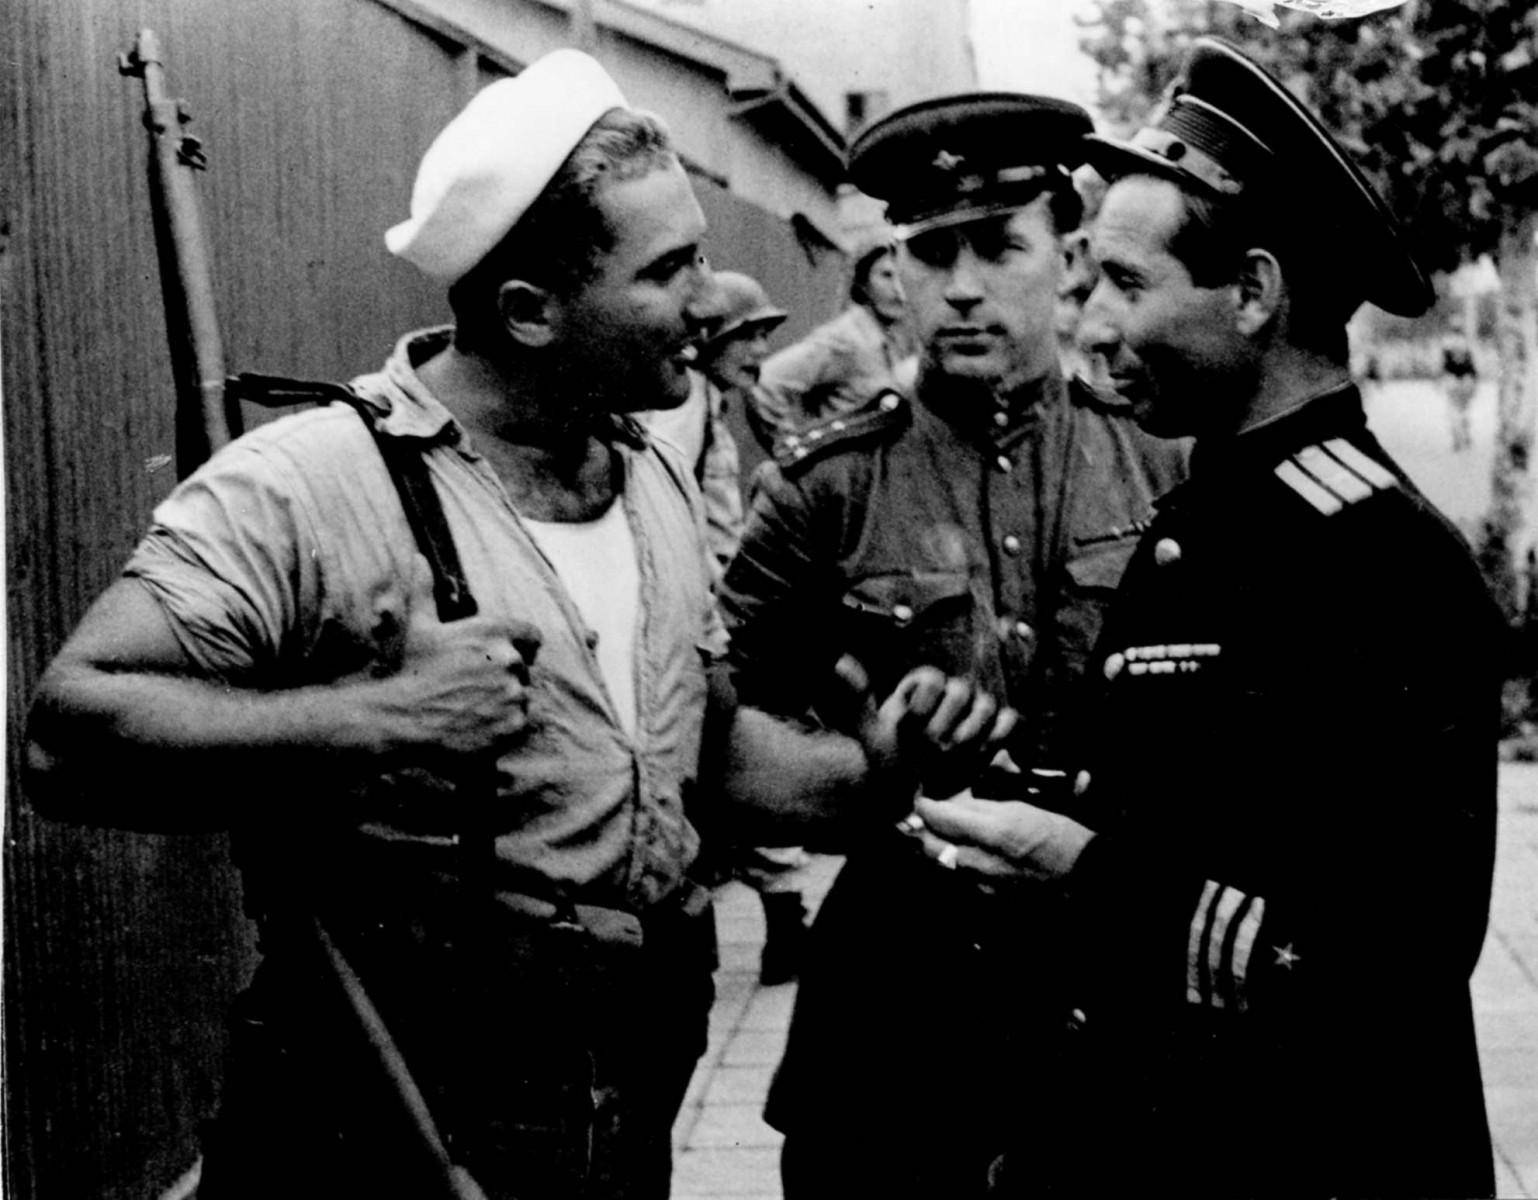 Экспонат #73. Кинооператоры Прудников и Микоша с американским морским пехотинцем. Токио. Сентябрь 1945 года